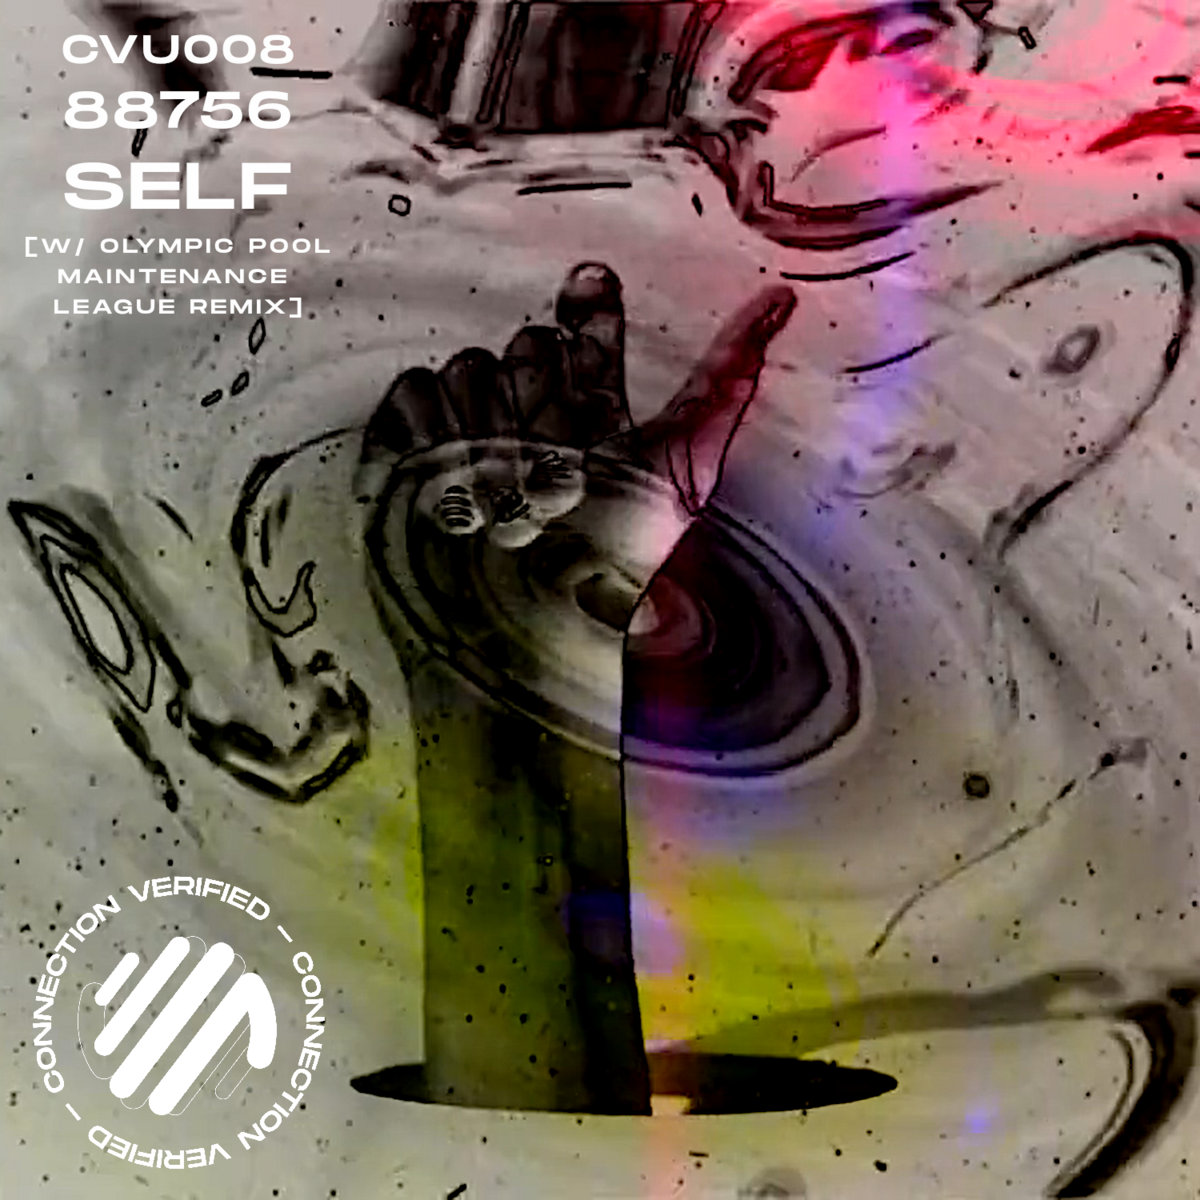 88756 – Self EP